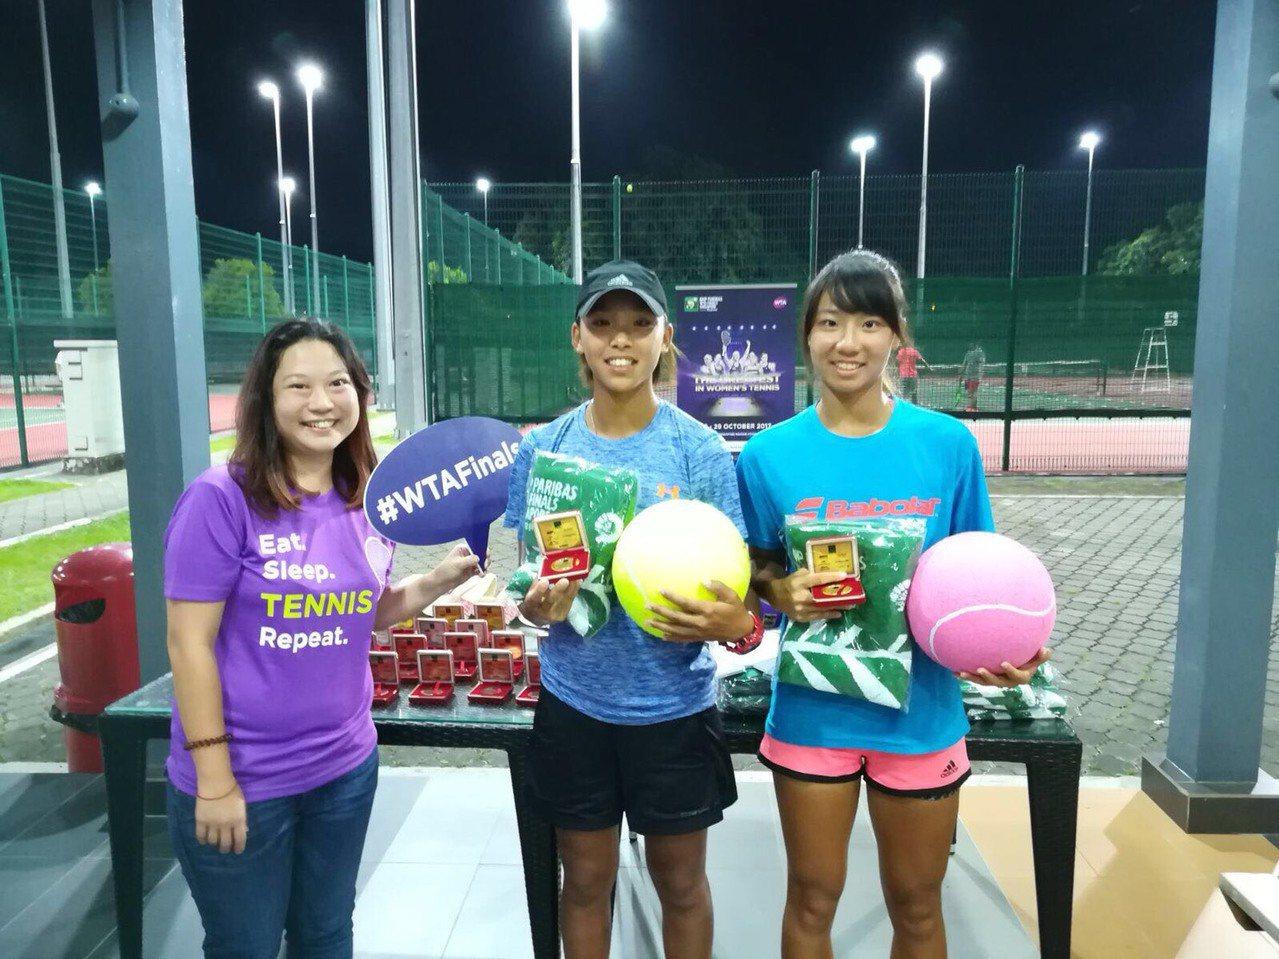 吳思誼(中)今年在ITF新加坡站贏得女子雙打冠軍。圖/余紹弘提供